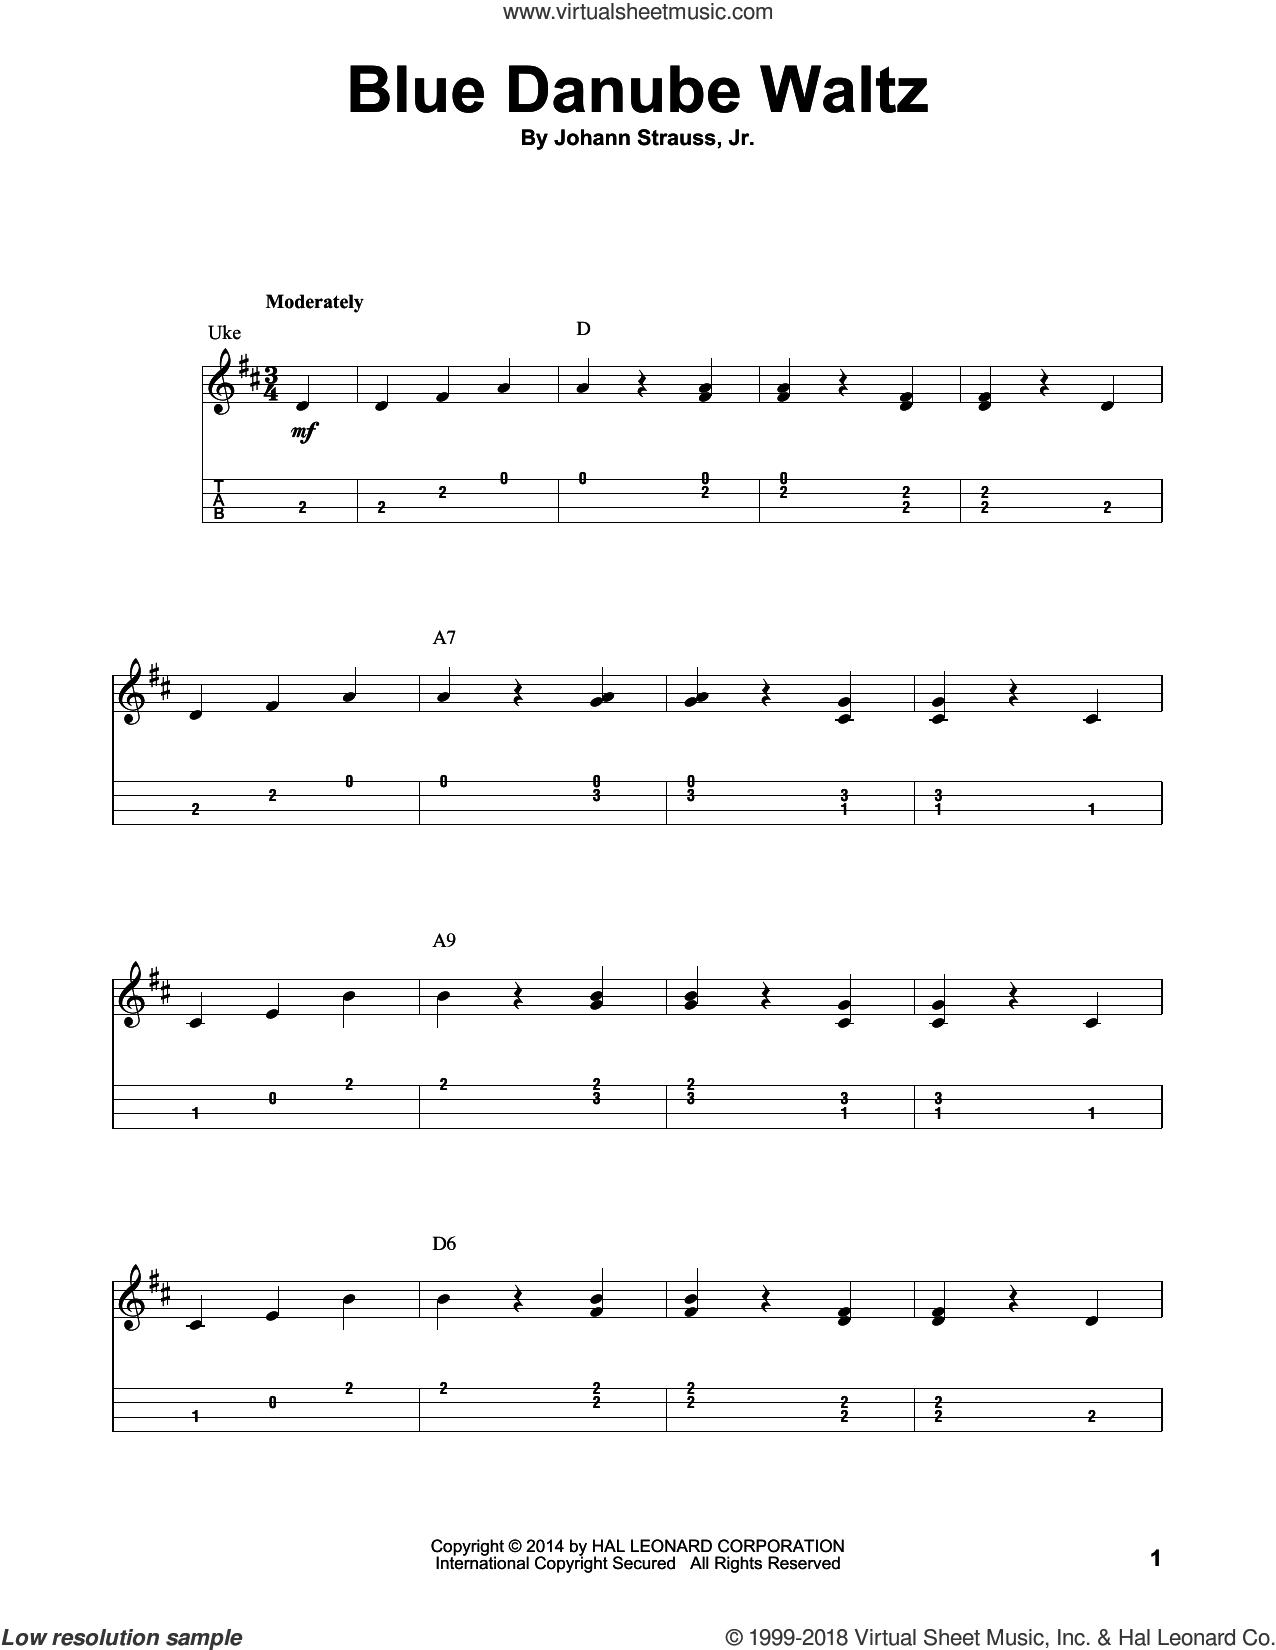 Blue Danube Waltz sheet music for ukulele by Johann Strauss, Jr., classical score, intermediate skill level